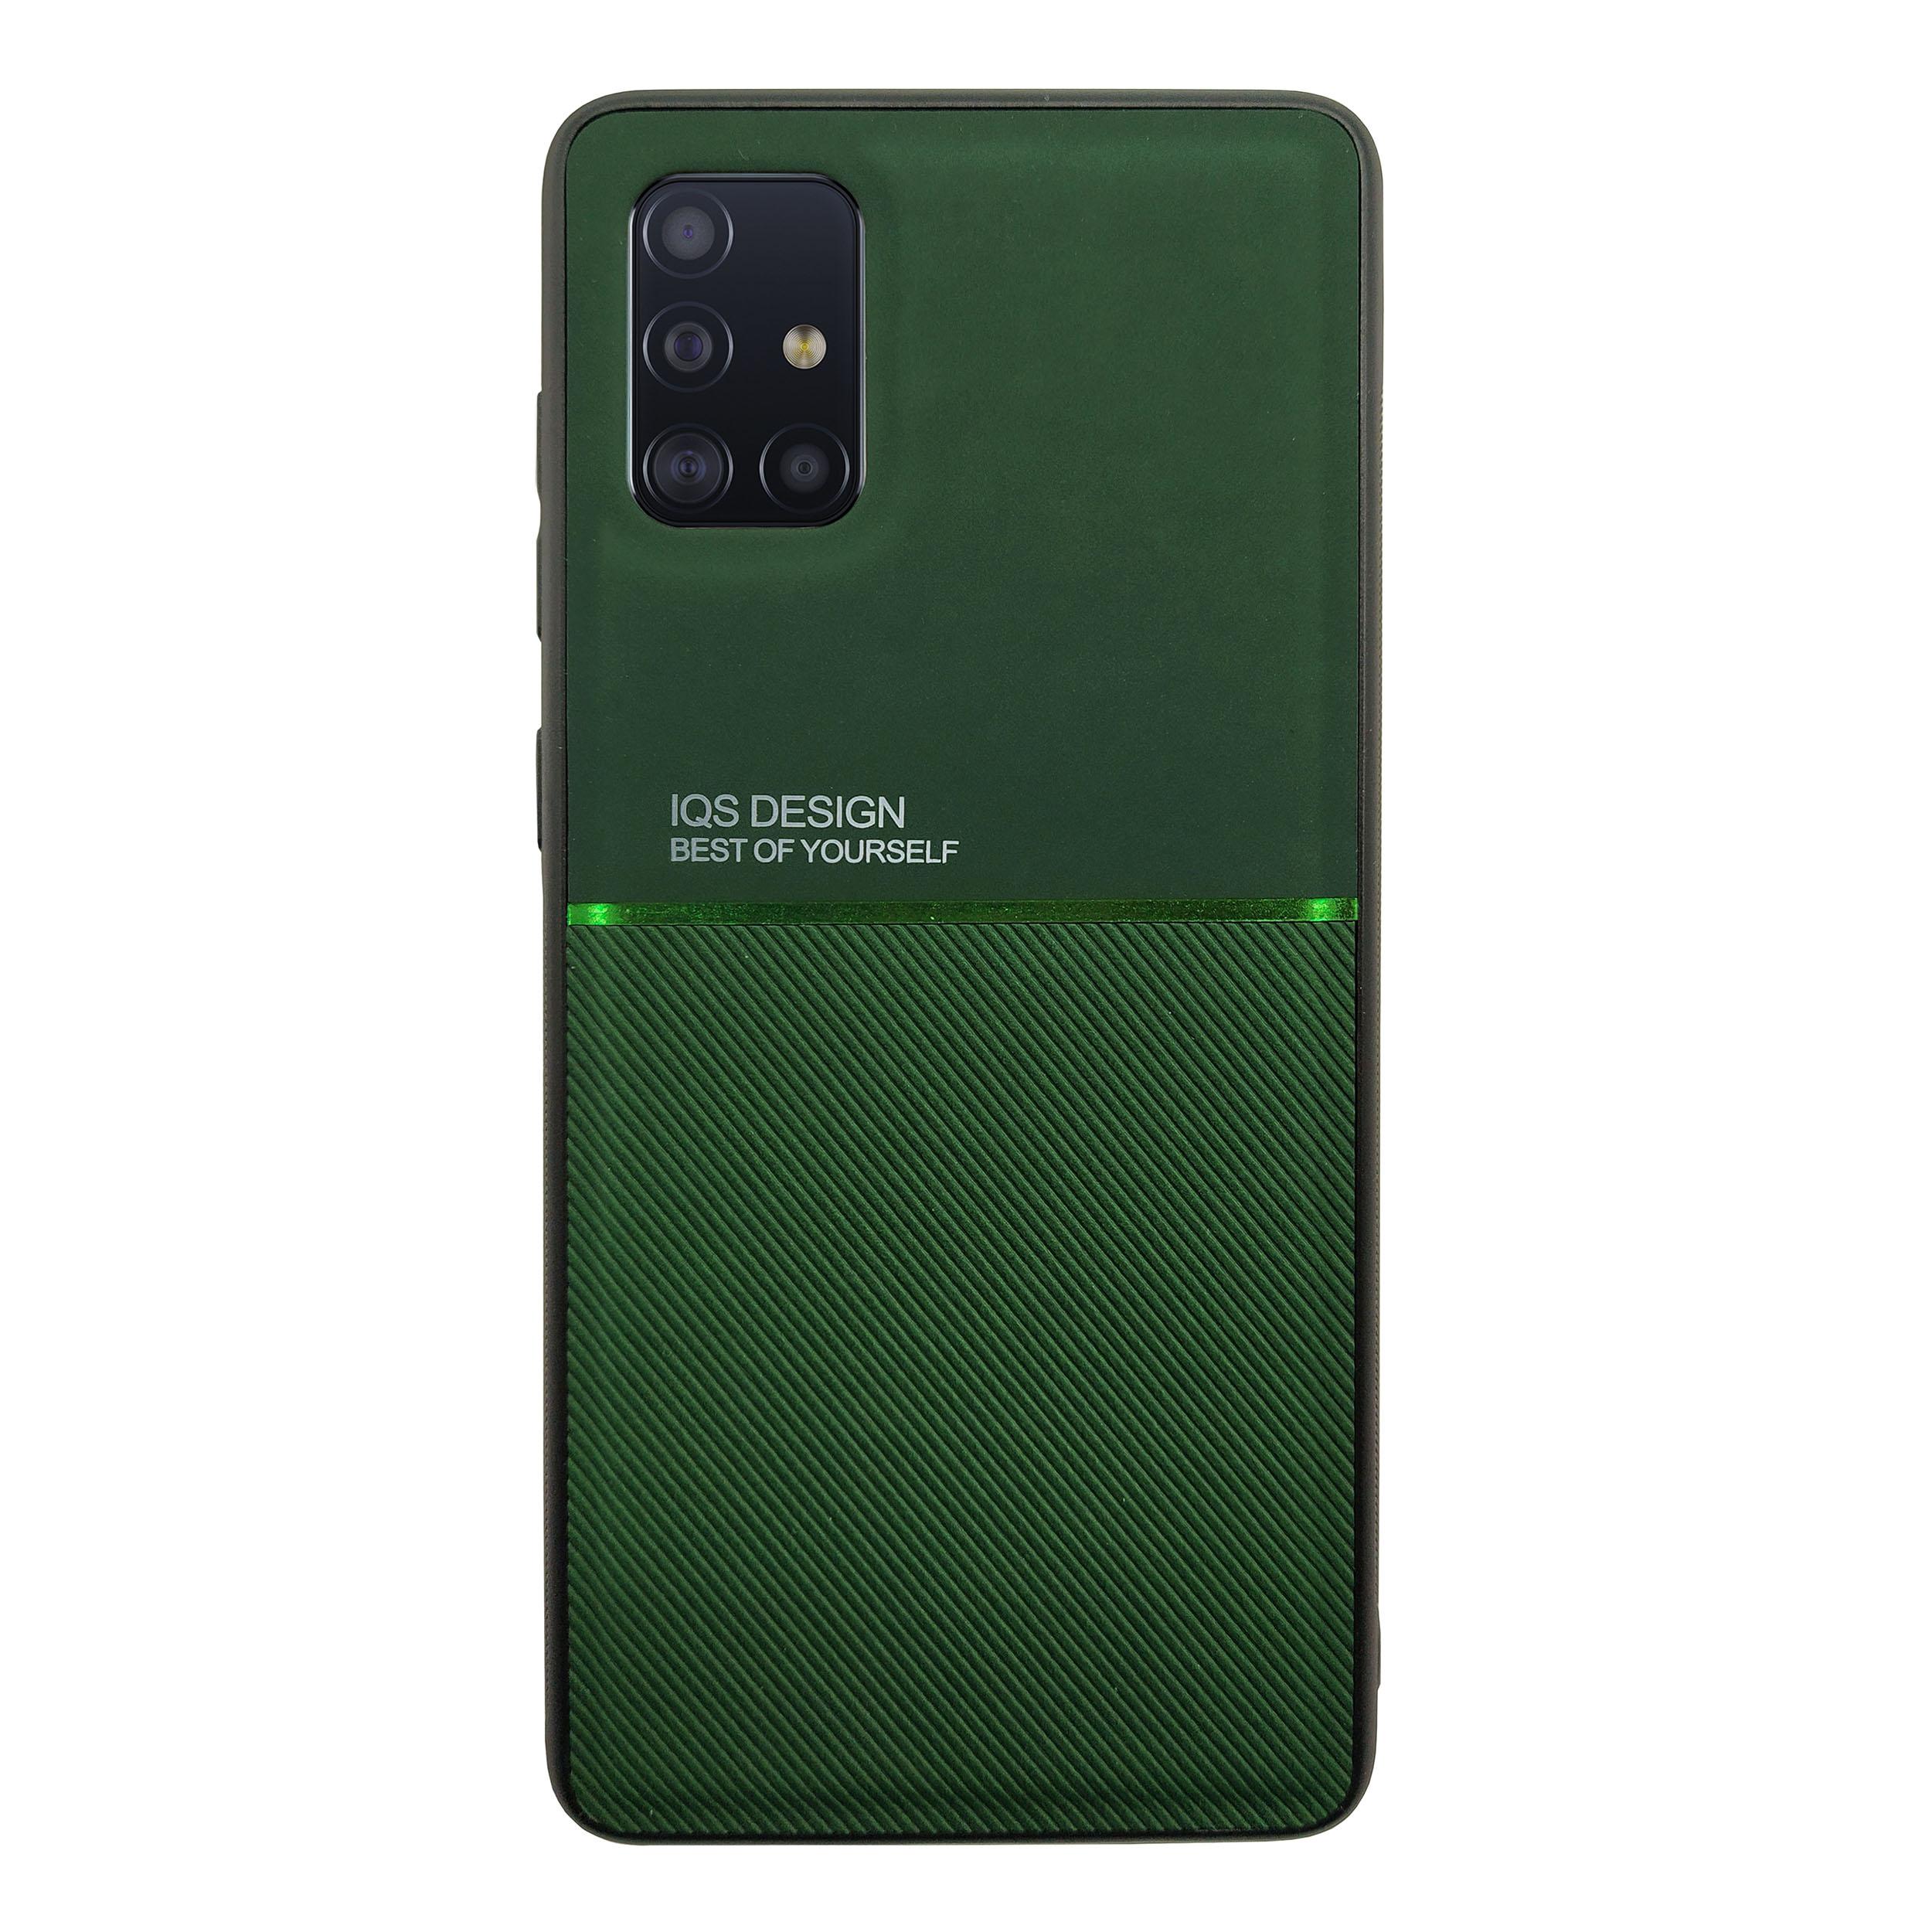 کاور مدل IQS مناسب برای گوشی موبایل سامسونگ Galaxy A51